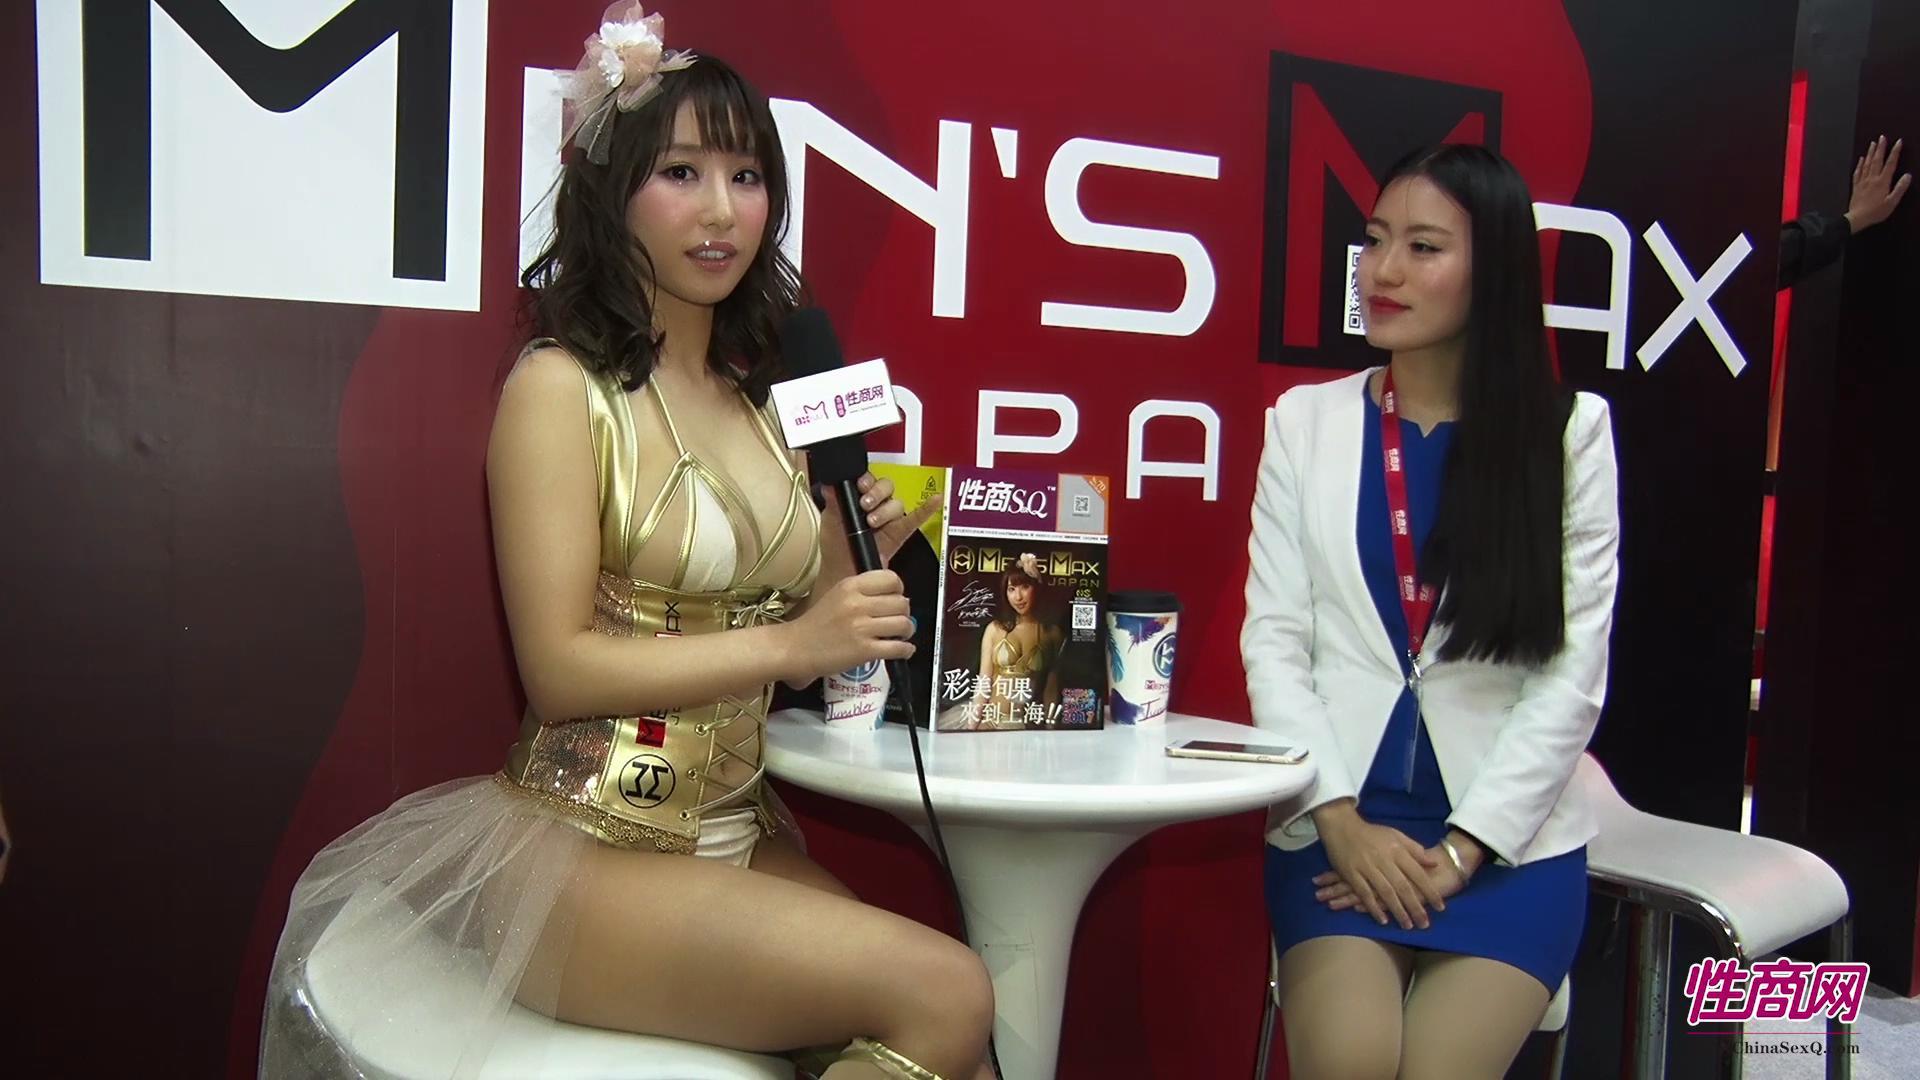 彩美旬果-2017上海成人展颜值担当-性商网专访MensMax代言人图片1